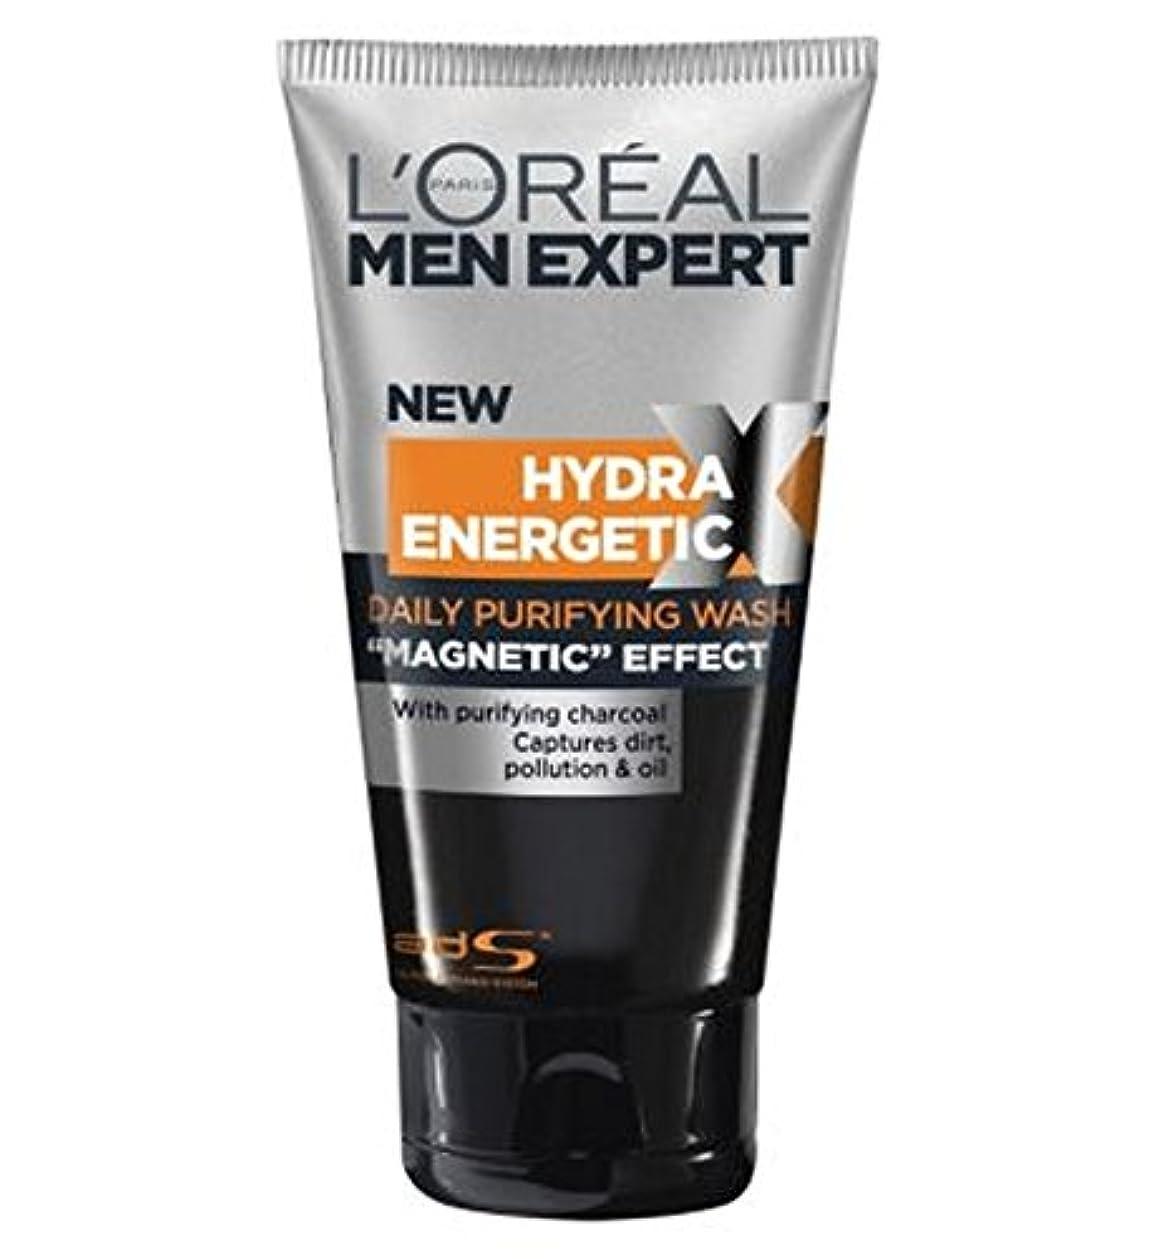 どこ批判的にキャプションロレアルの男性の専門家ヒドラエネルギッシュX-Treme黒い炭洗顔150ミリリットル (L'Oreal) (x2) - L'Oreal Men Expert Hydra Energetic X-Treme Black Charcoal...